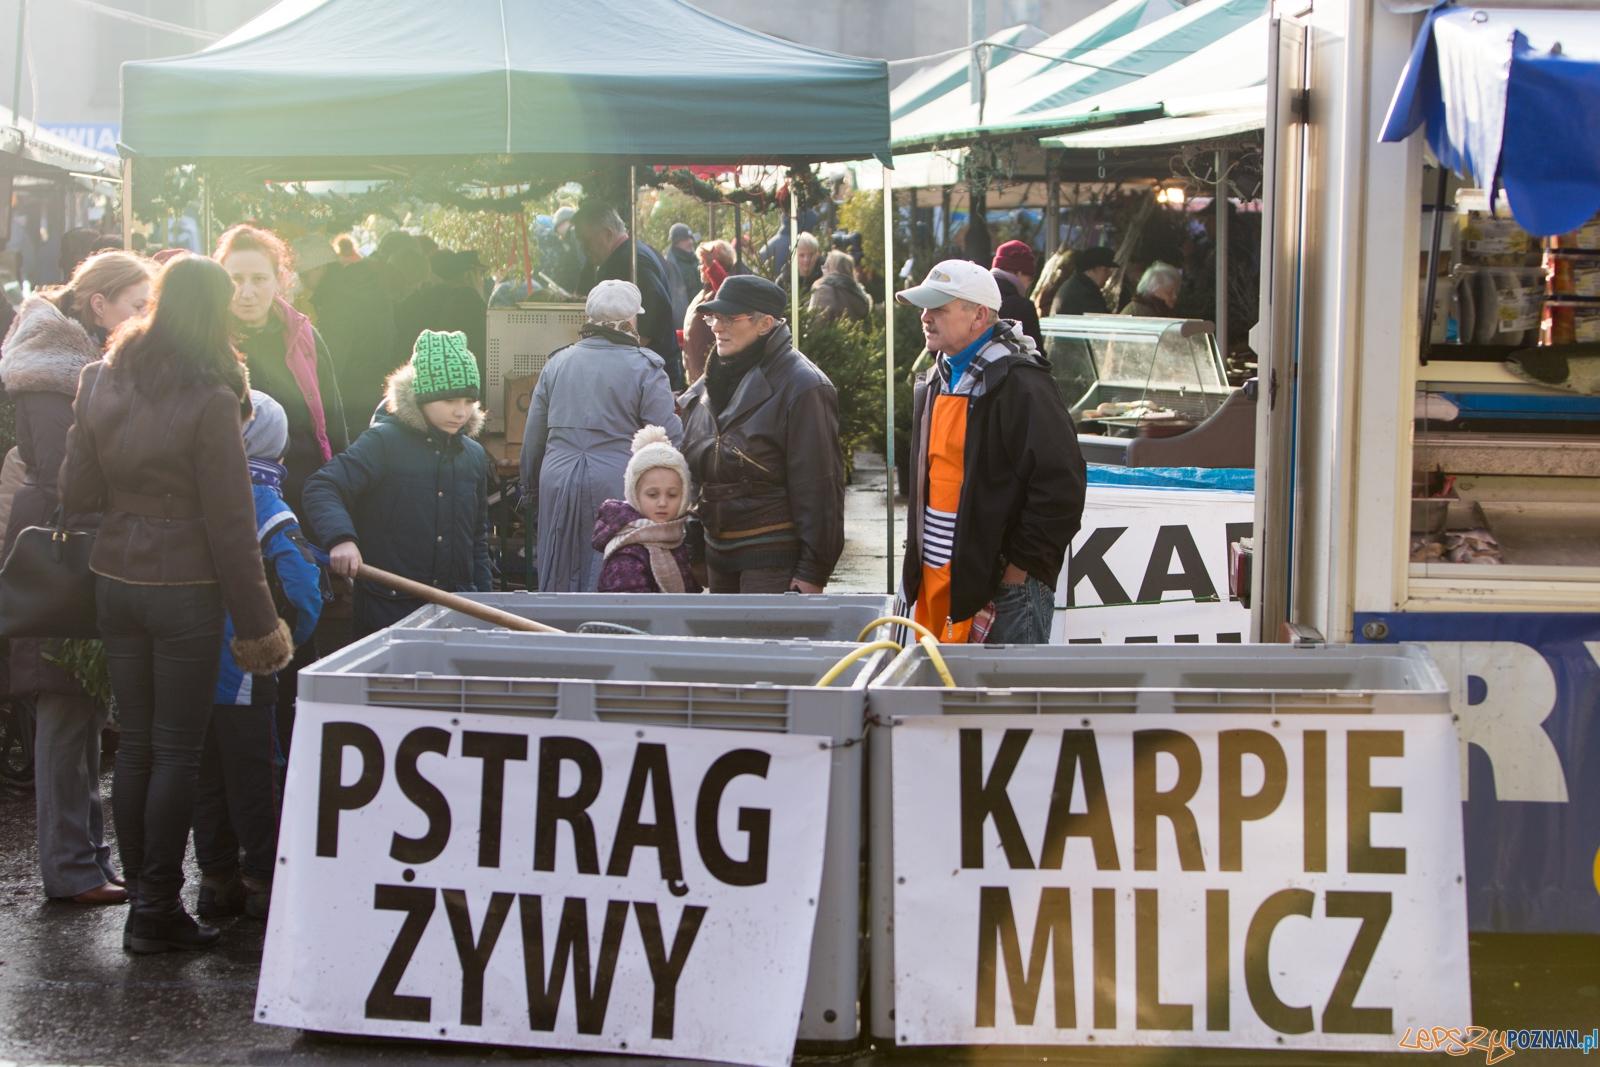 Karpie na rynku Bernardyńskim  Foto: lepszyPOZNAN.pl / Piotr Rychter